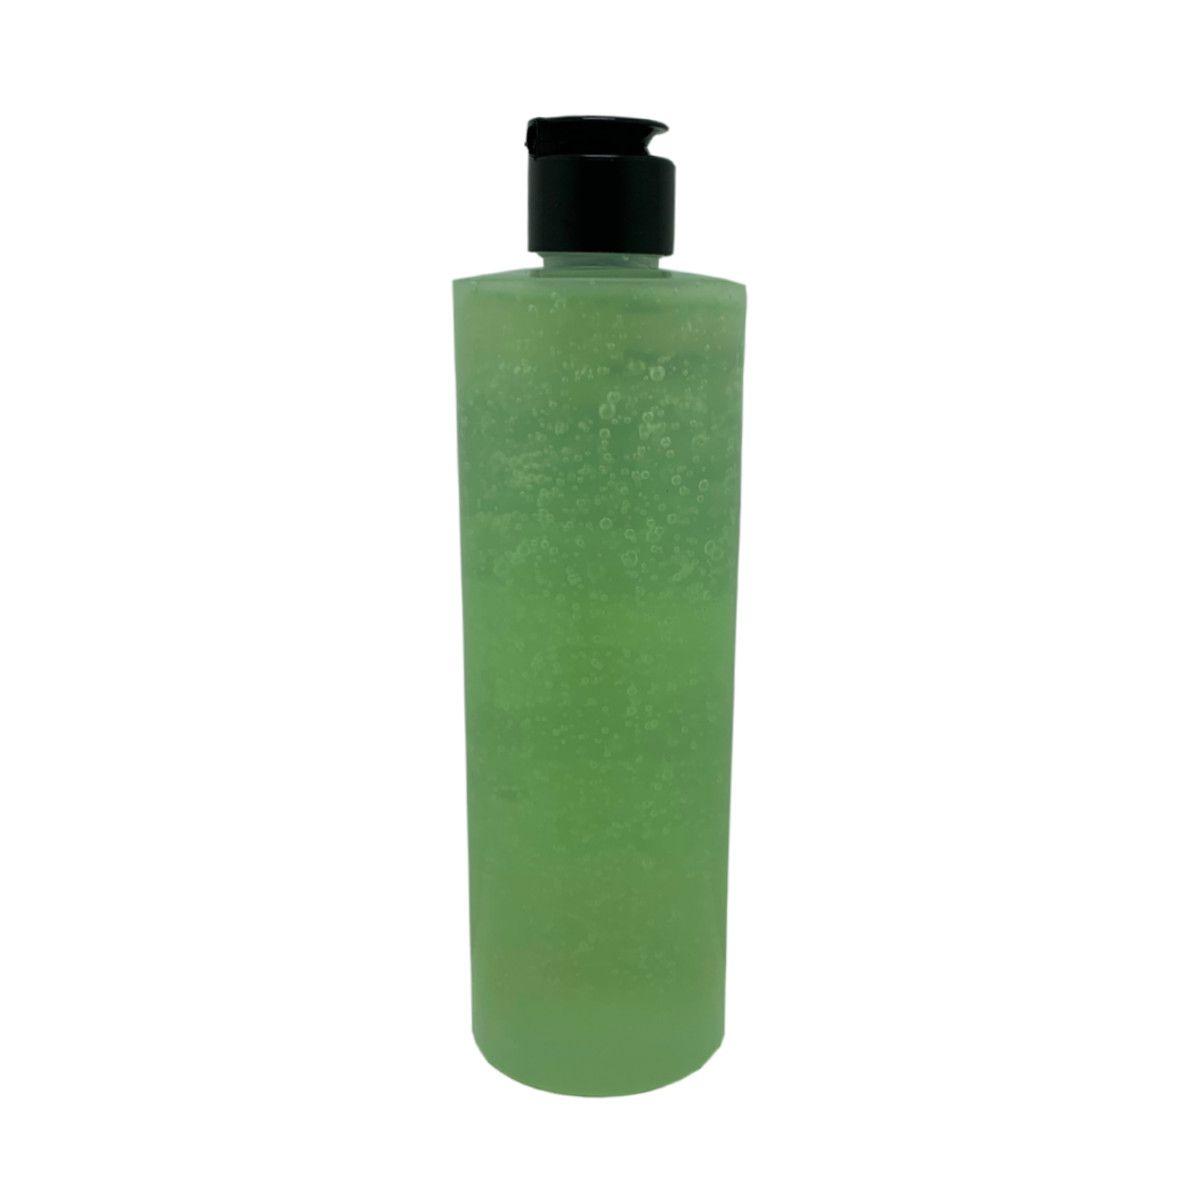 5 uni Álcool em Gel 70% Higienizador 430g